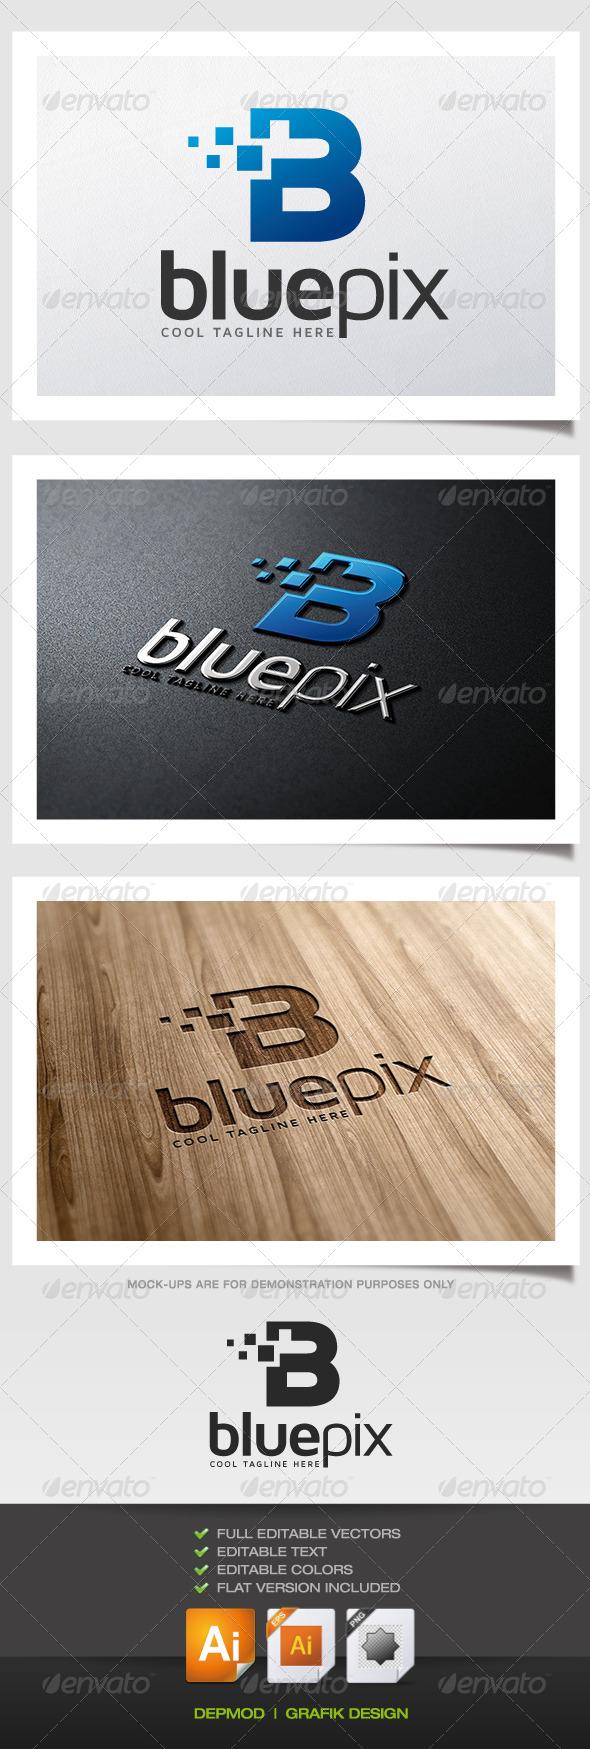 GraphicRiver Blue Pix Logo 5522650